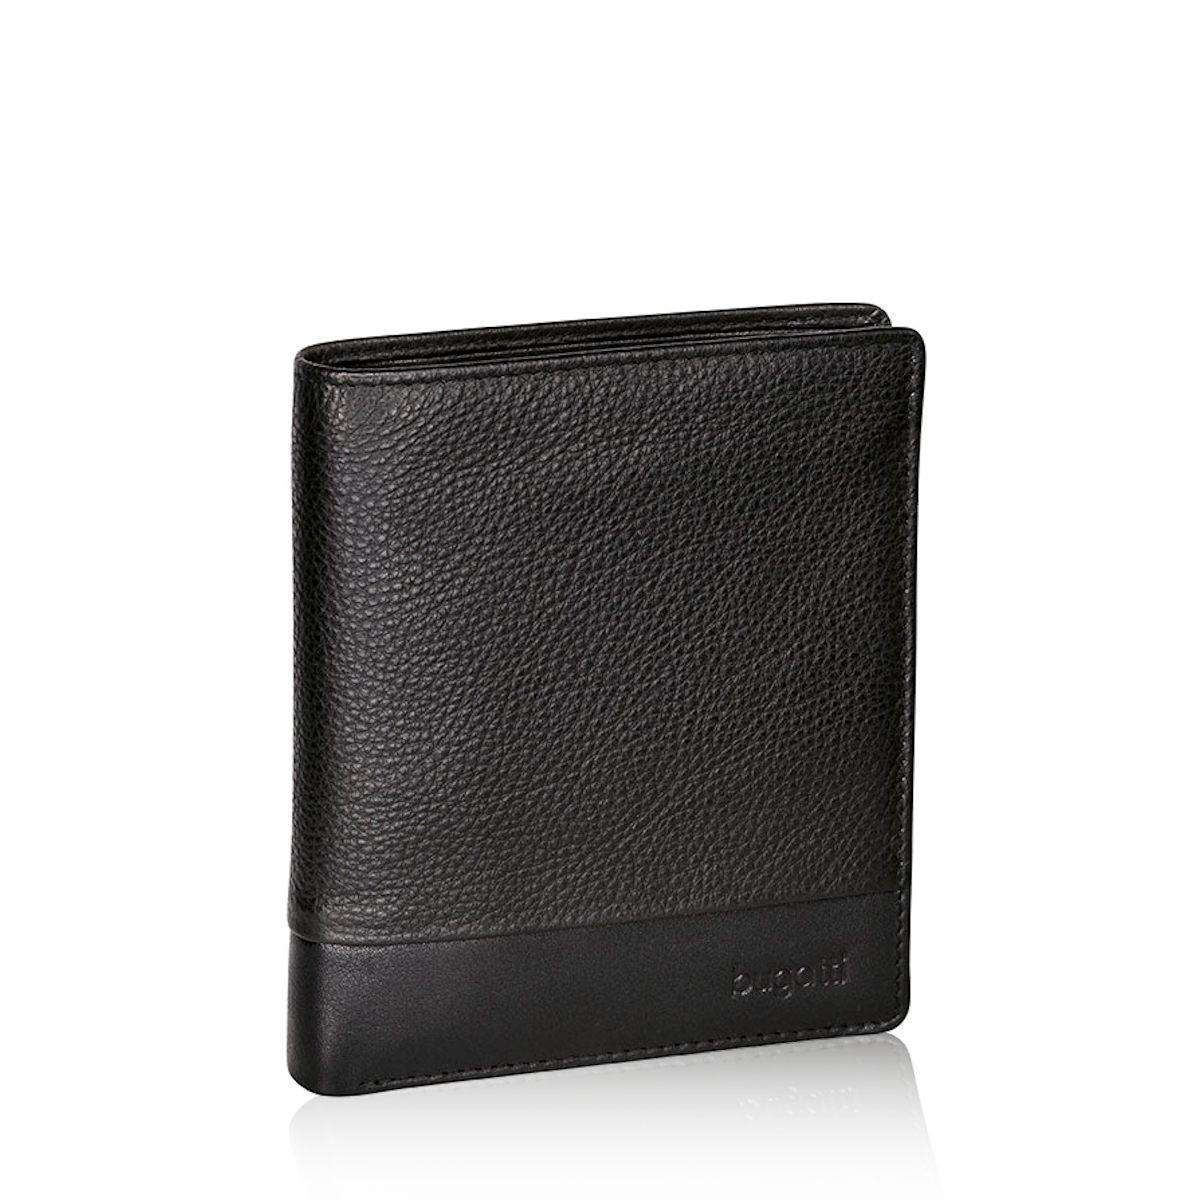 Bugatti pánska kožená peňaženka - čierna ... 45e6627f902